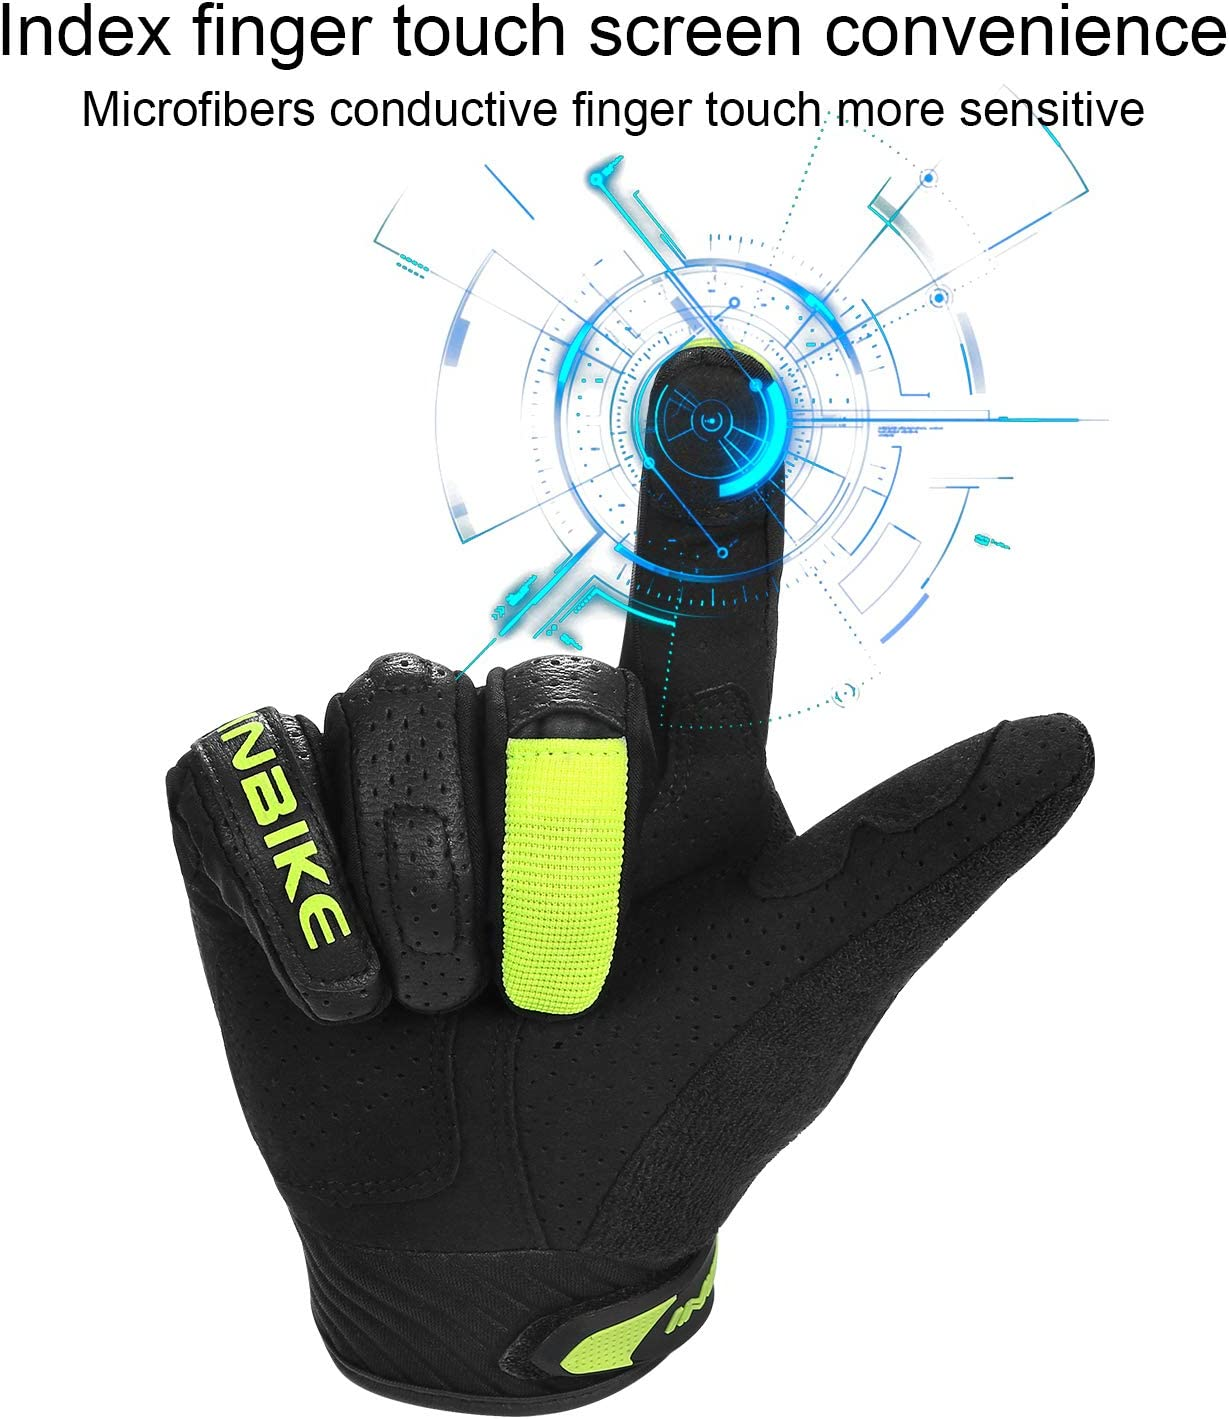 INBIKE Gants Moto Homme /Ét/é Gant Tactile pour Automoto Scooter V/élo /Électrique Coqu/és Protection R/ésistants /à lusure IM801